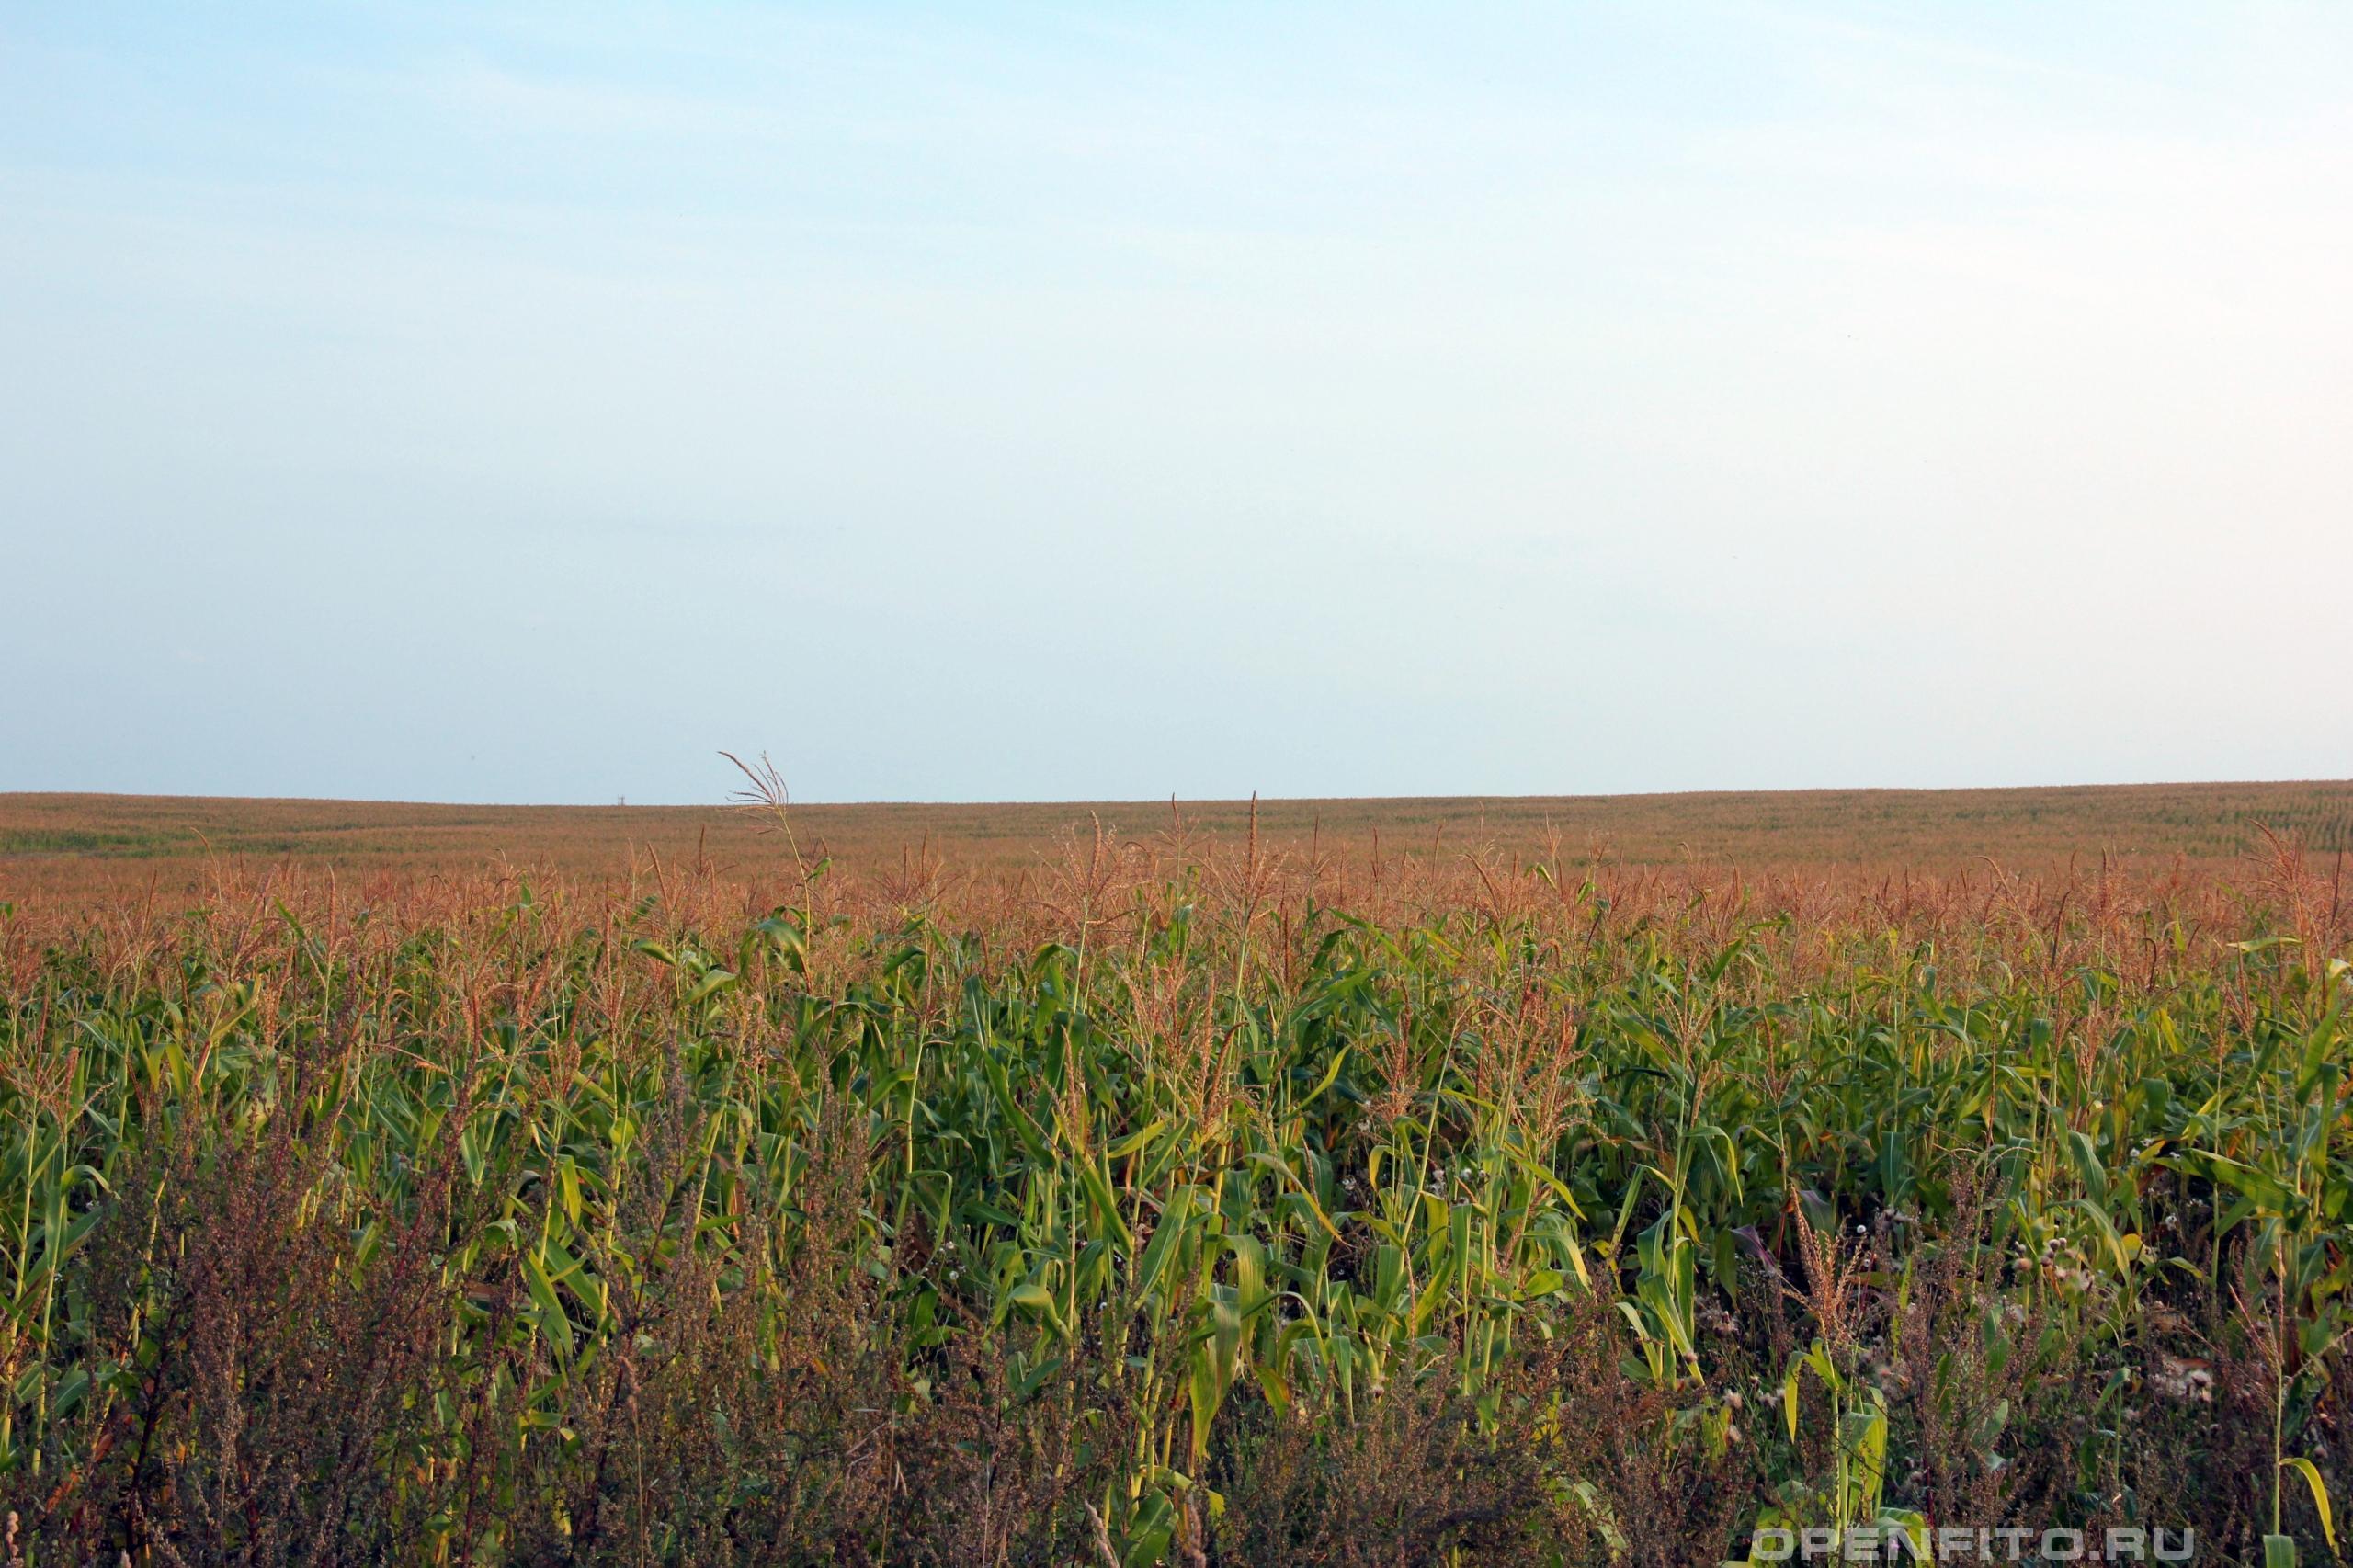 Кукуруза обыкновенная поле засеянное кукурузой